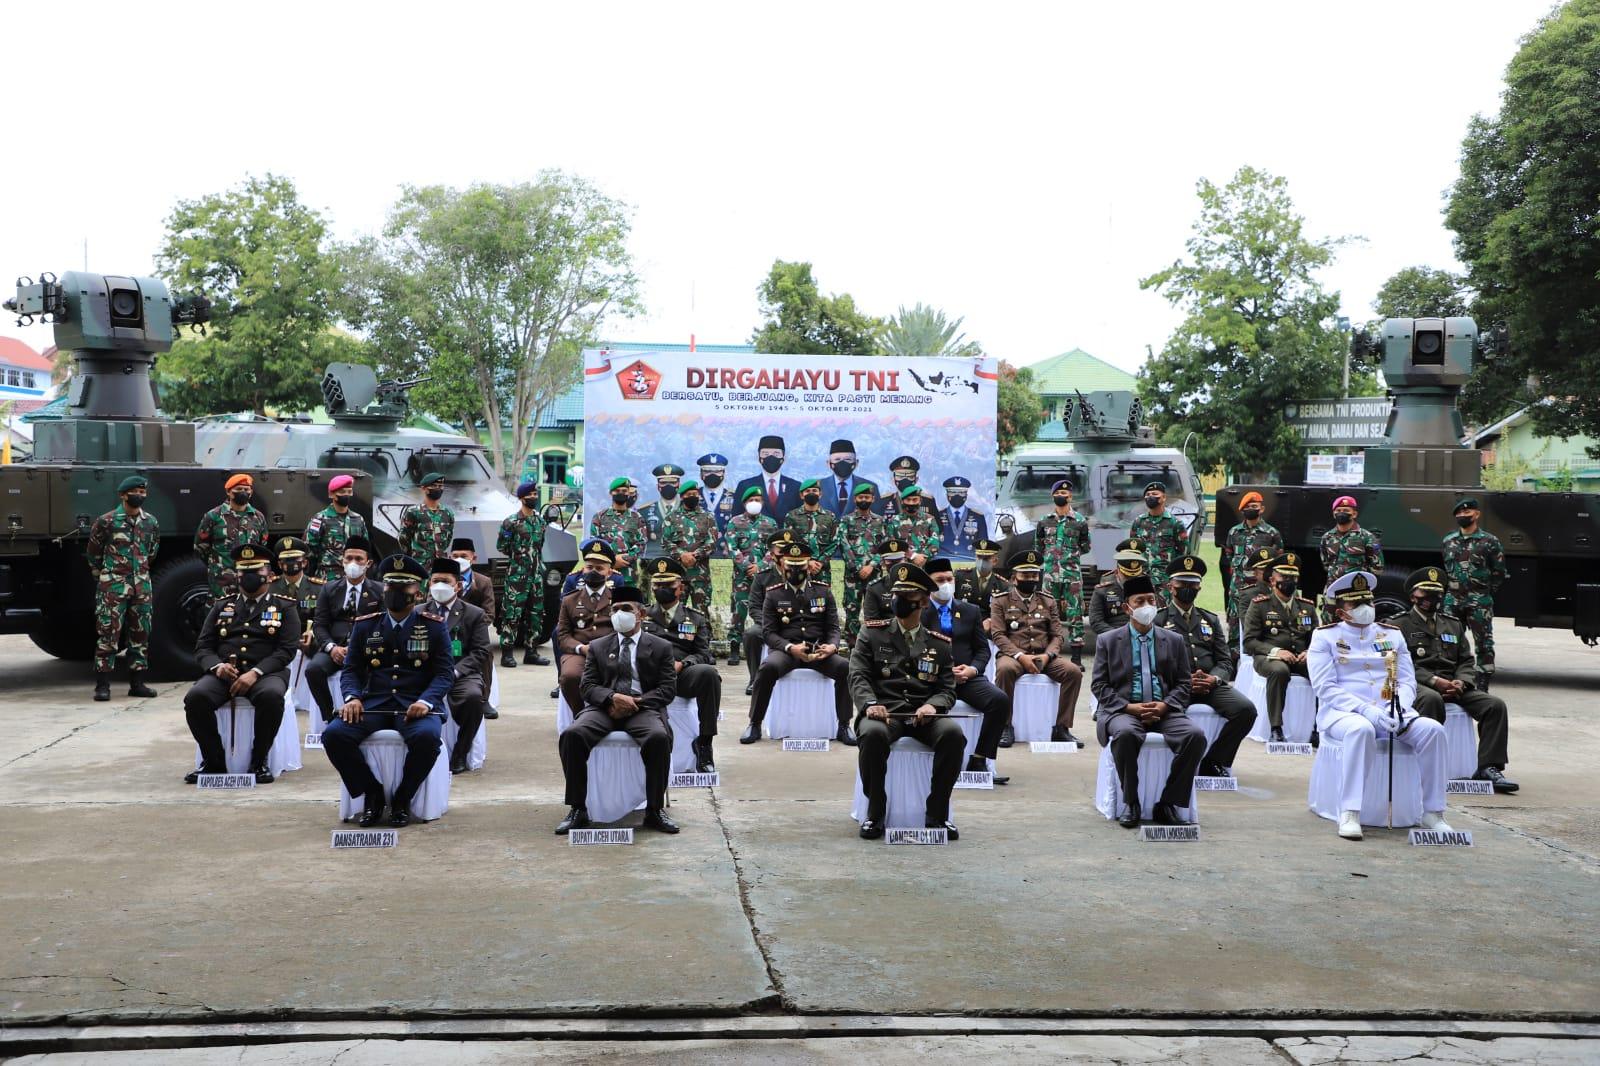 KAPOLRES ACEH UTARA : Acara peringatan Dirgahayu TNI Ke – 76 Berlangsung khidmat